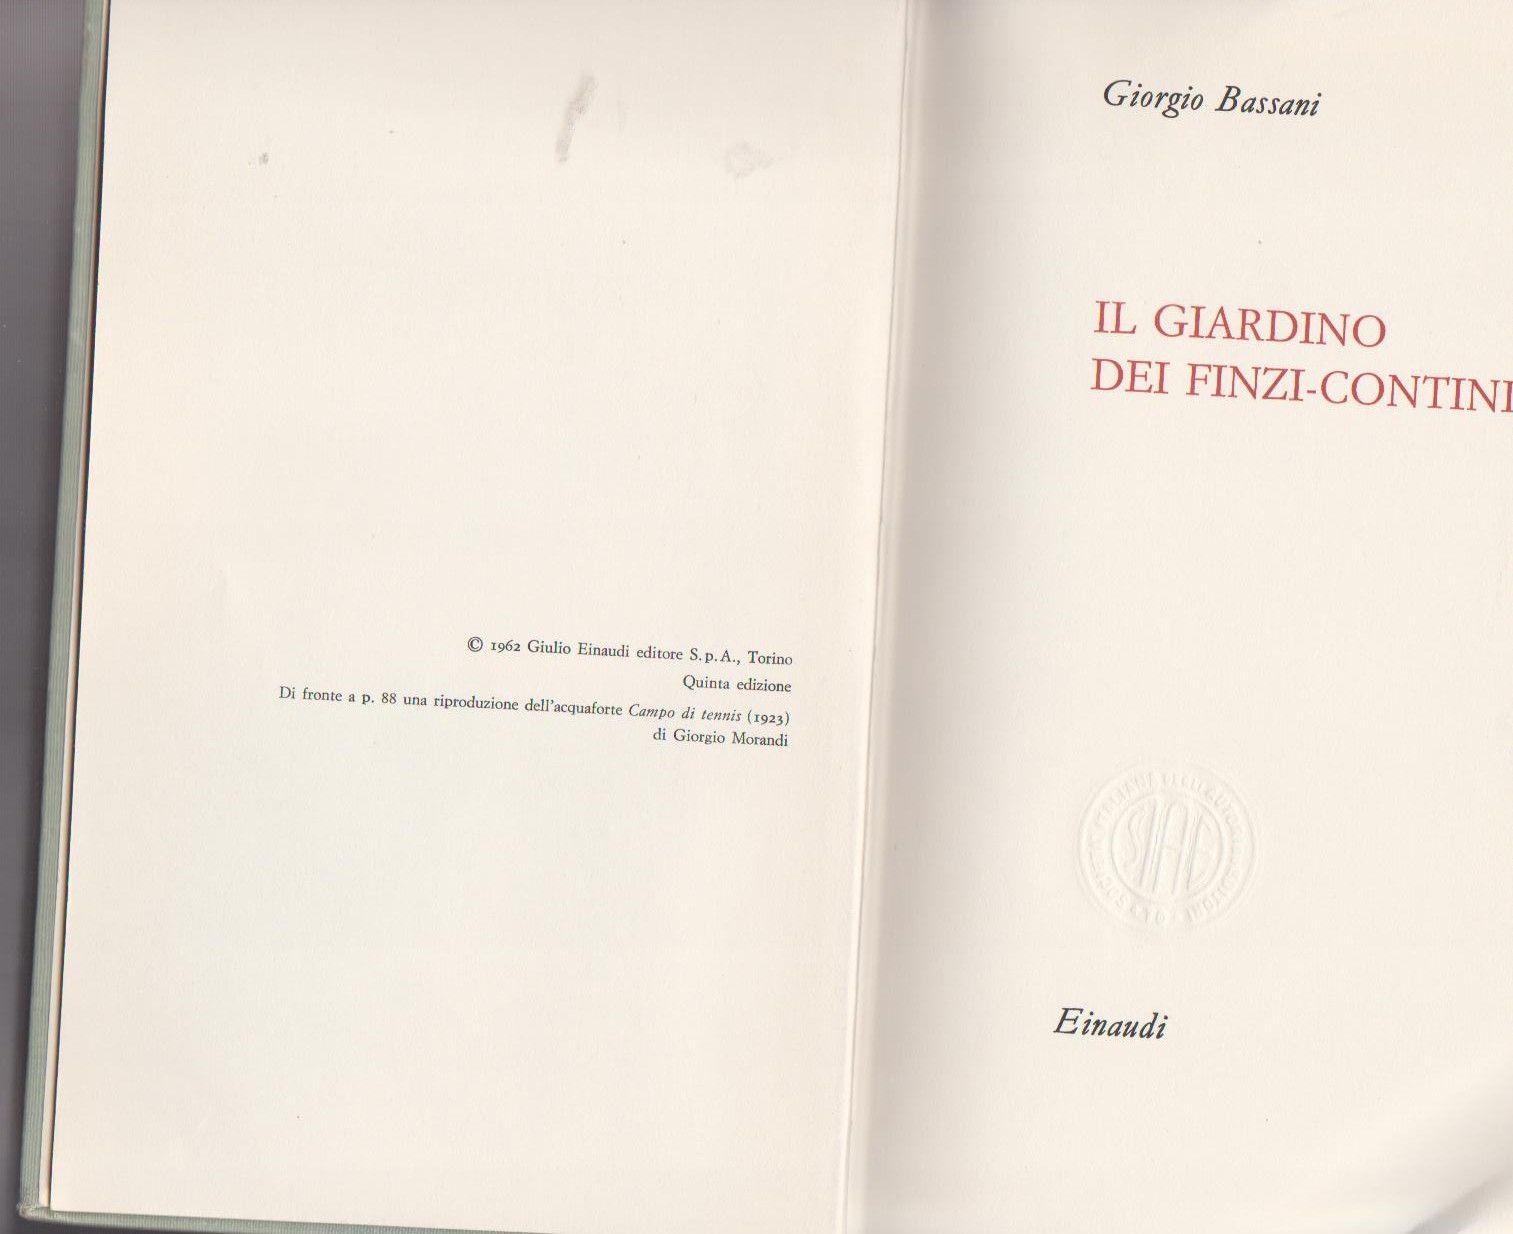 Il giardino dei finzi contini giorgio bassani 1962 books books cards against humanity e - Il giardino dei finzi contini libro ...